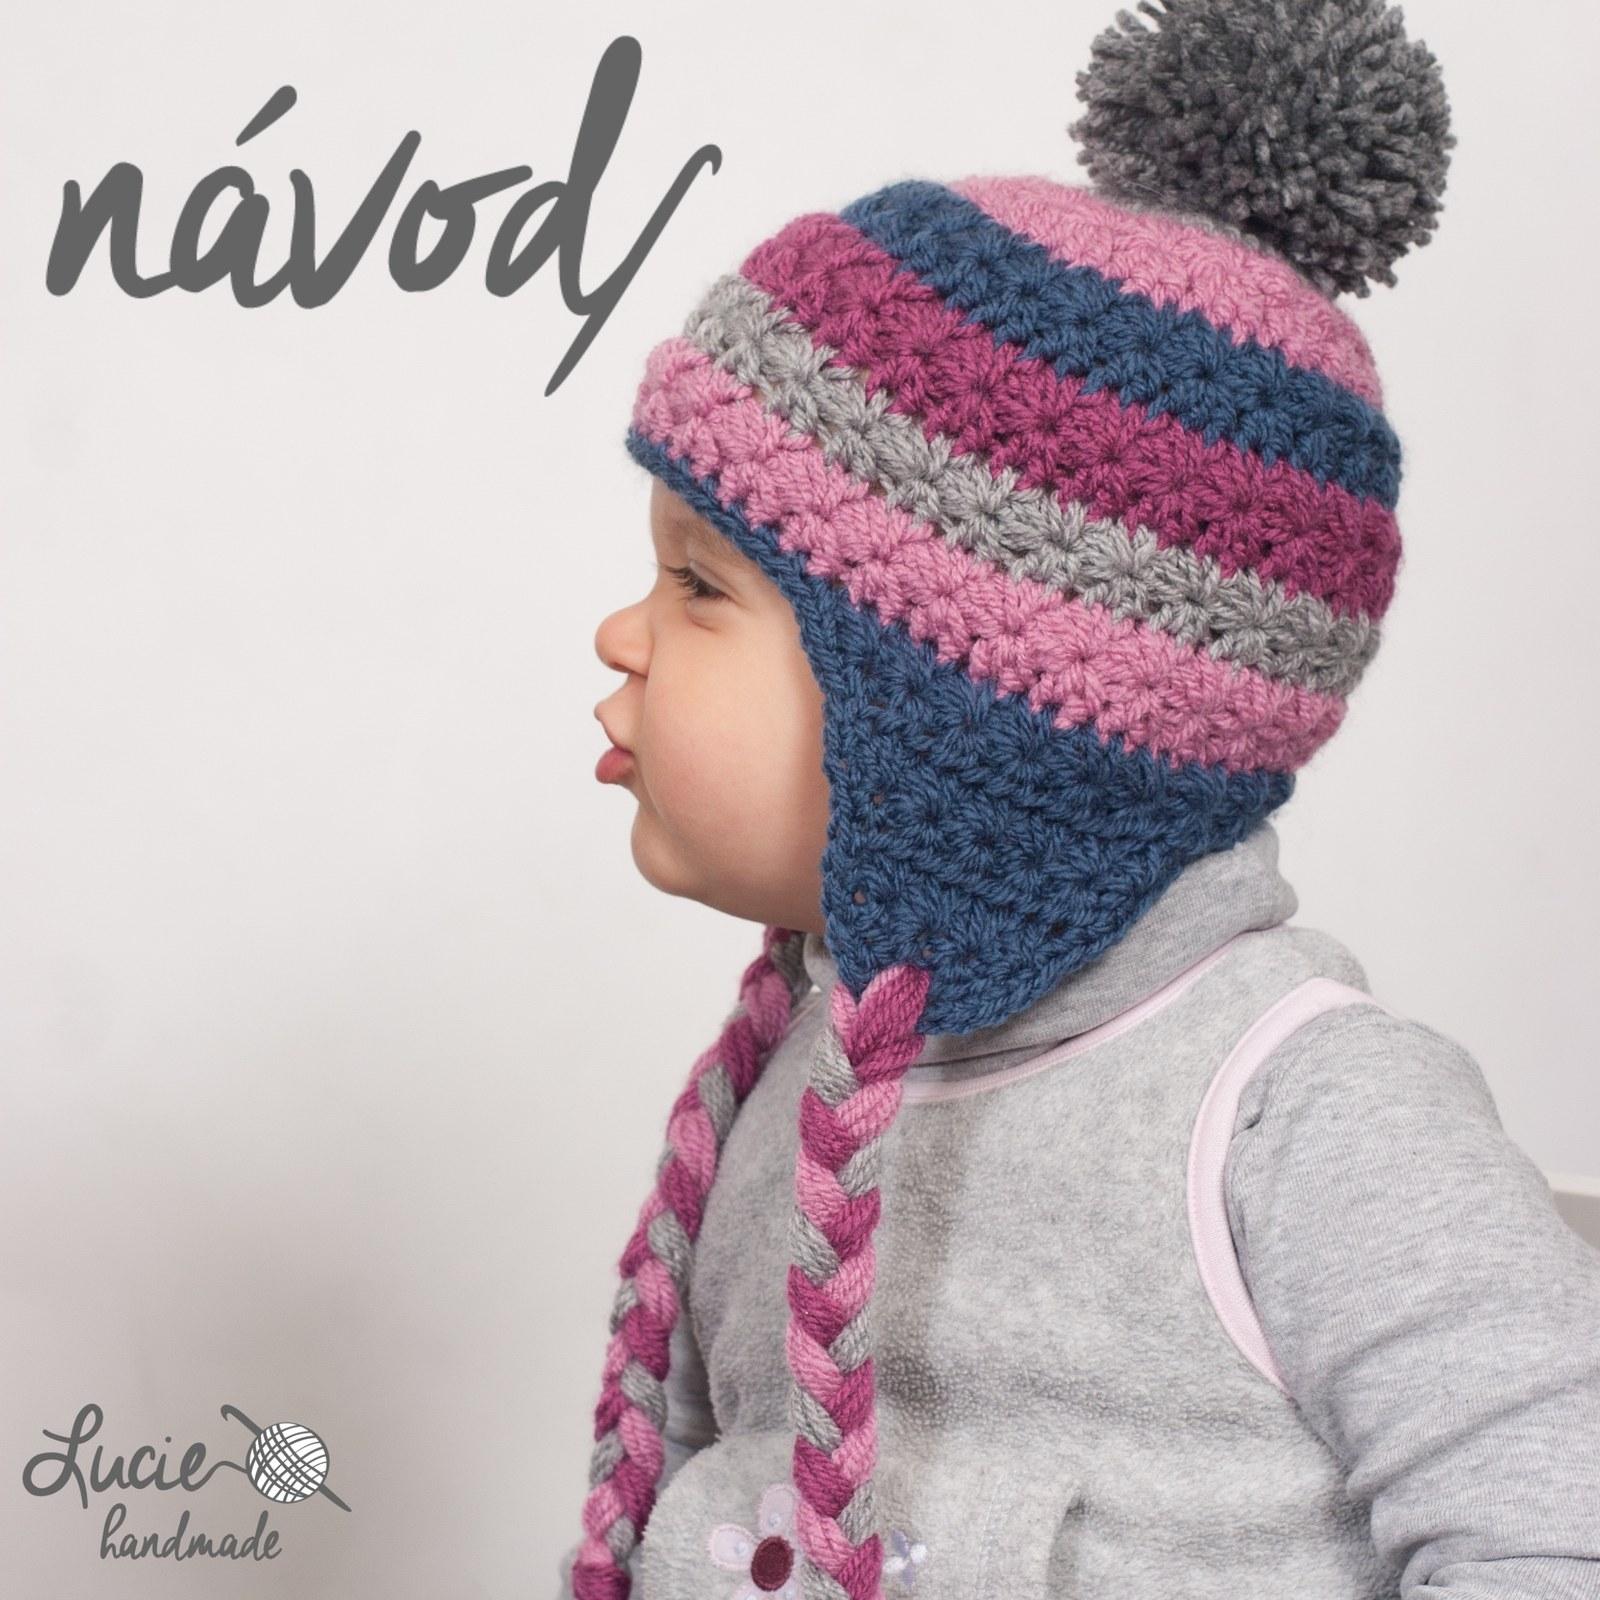 ff4e4e46f1b NÁVOD č.19   na zimní ušanku   Zboží prodejce Lucie handmade